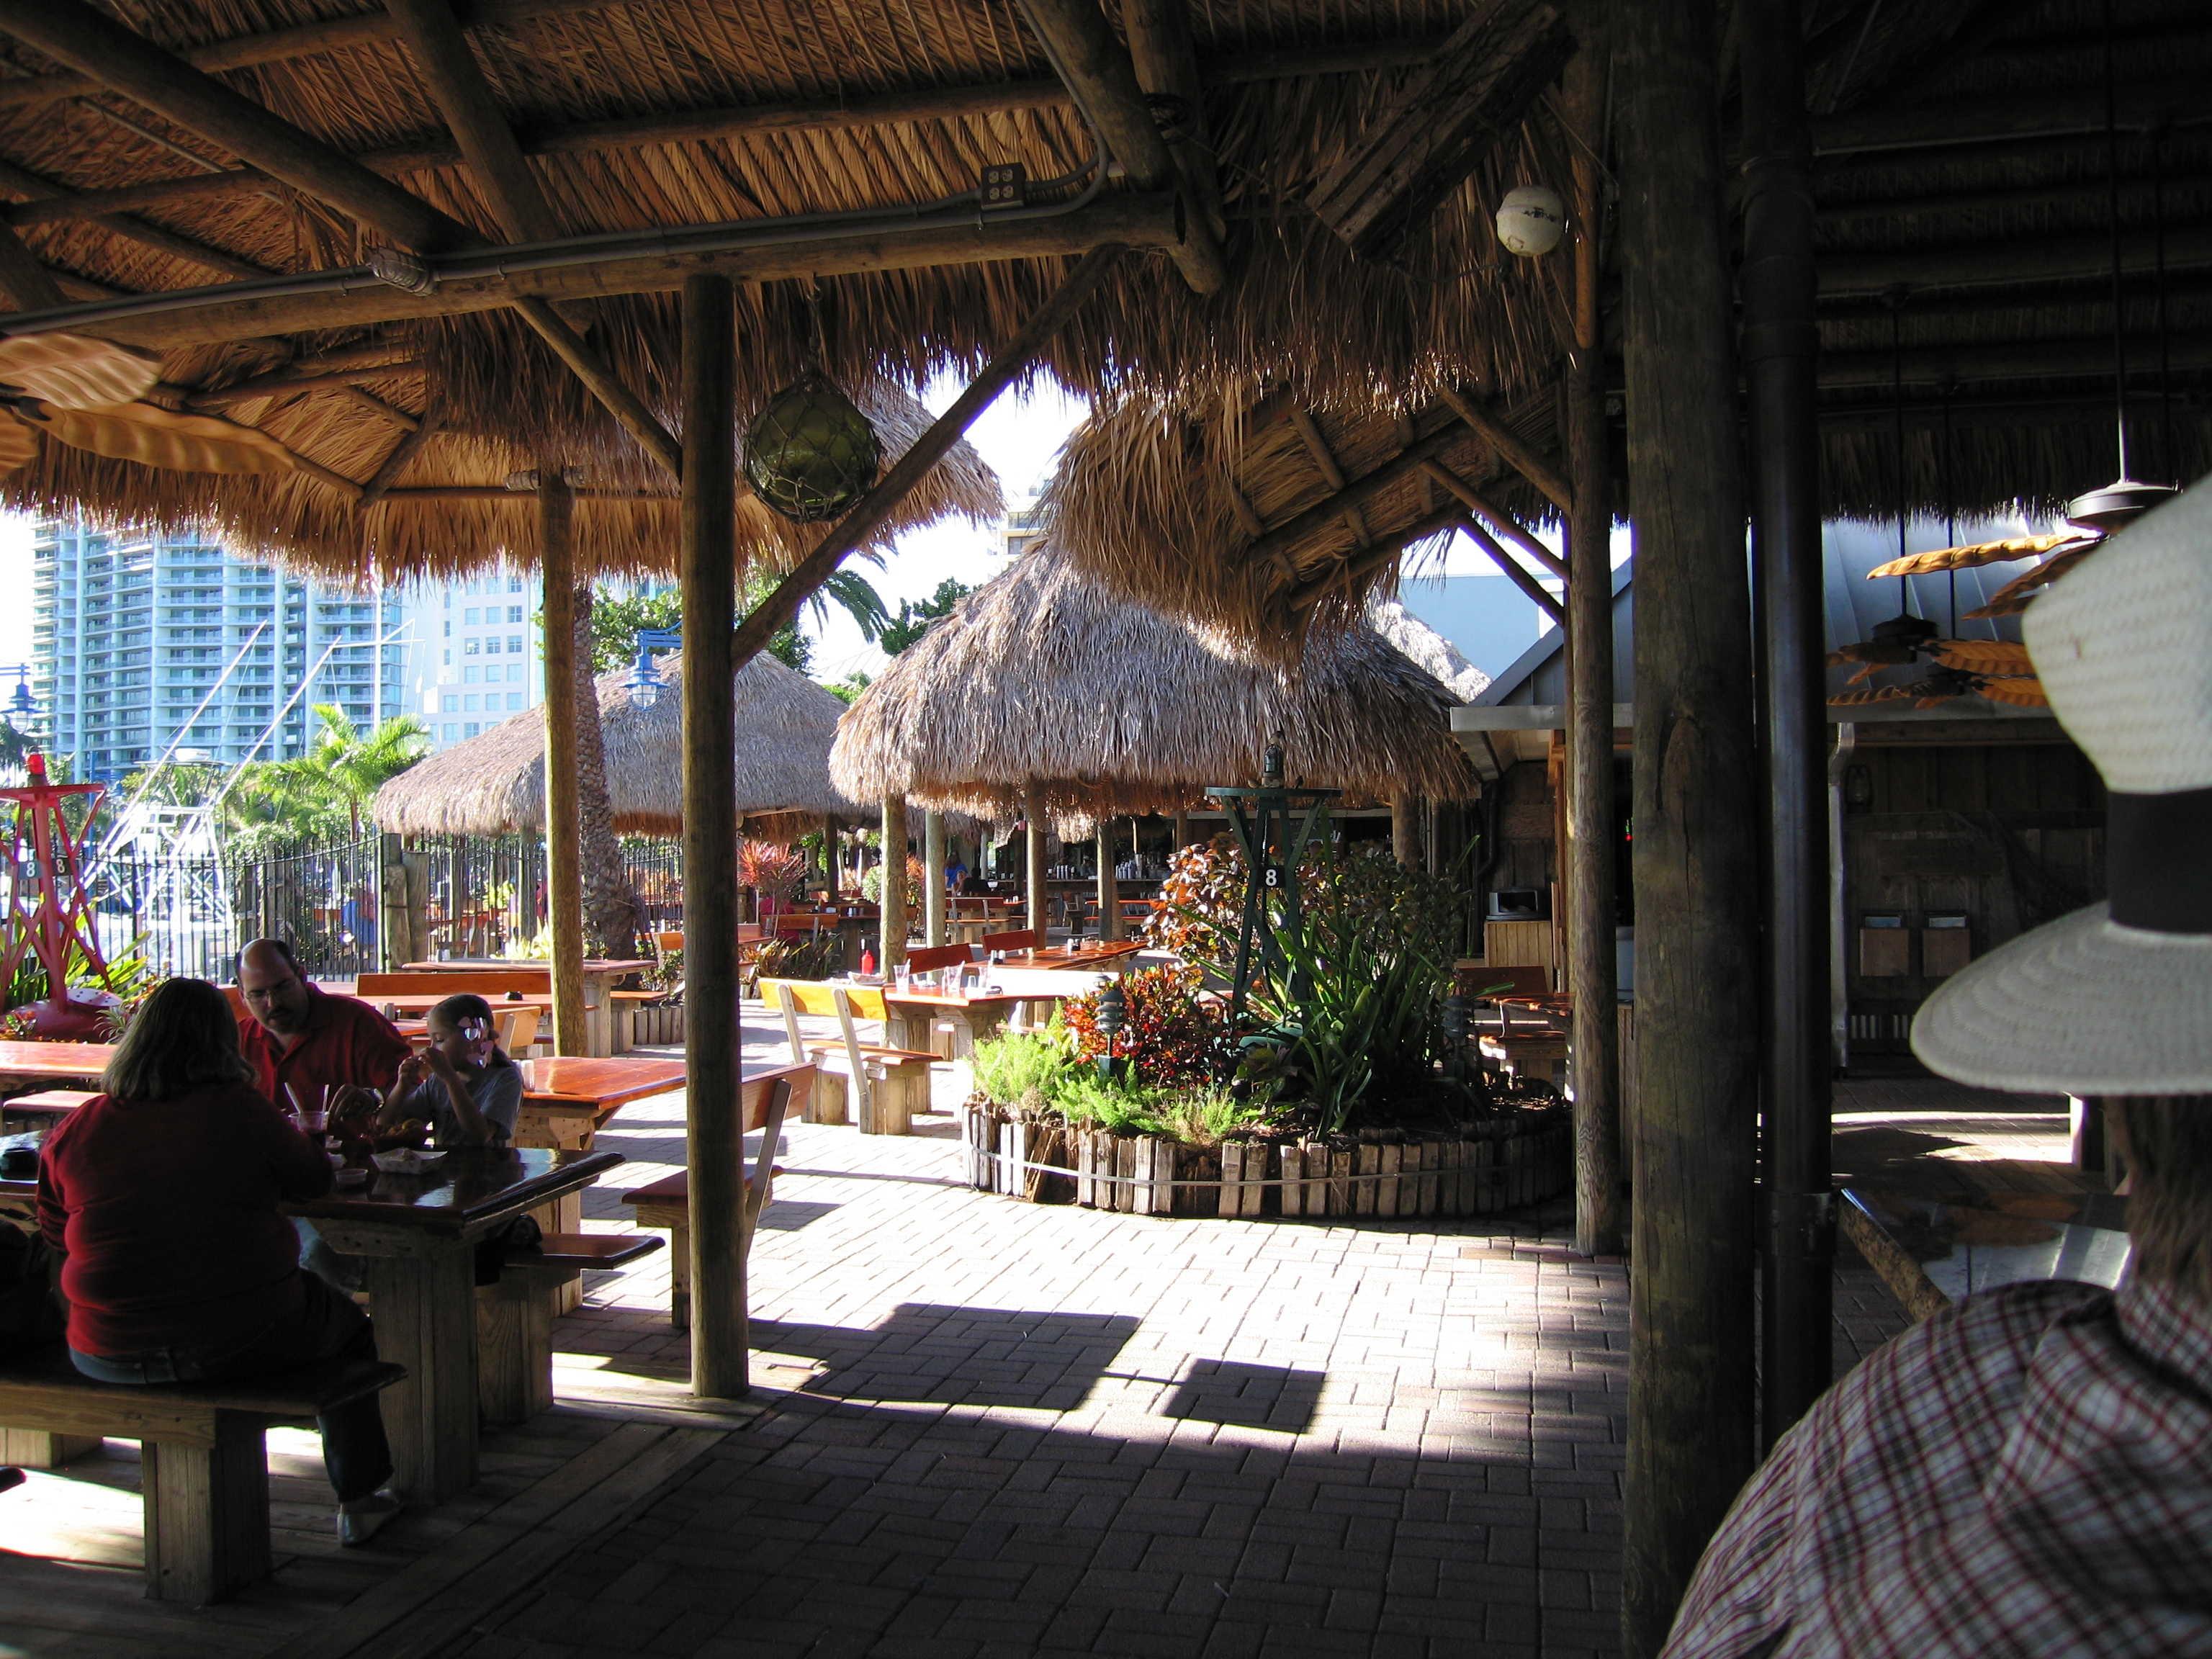 monty's coconut grove